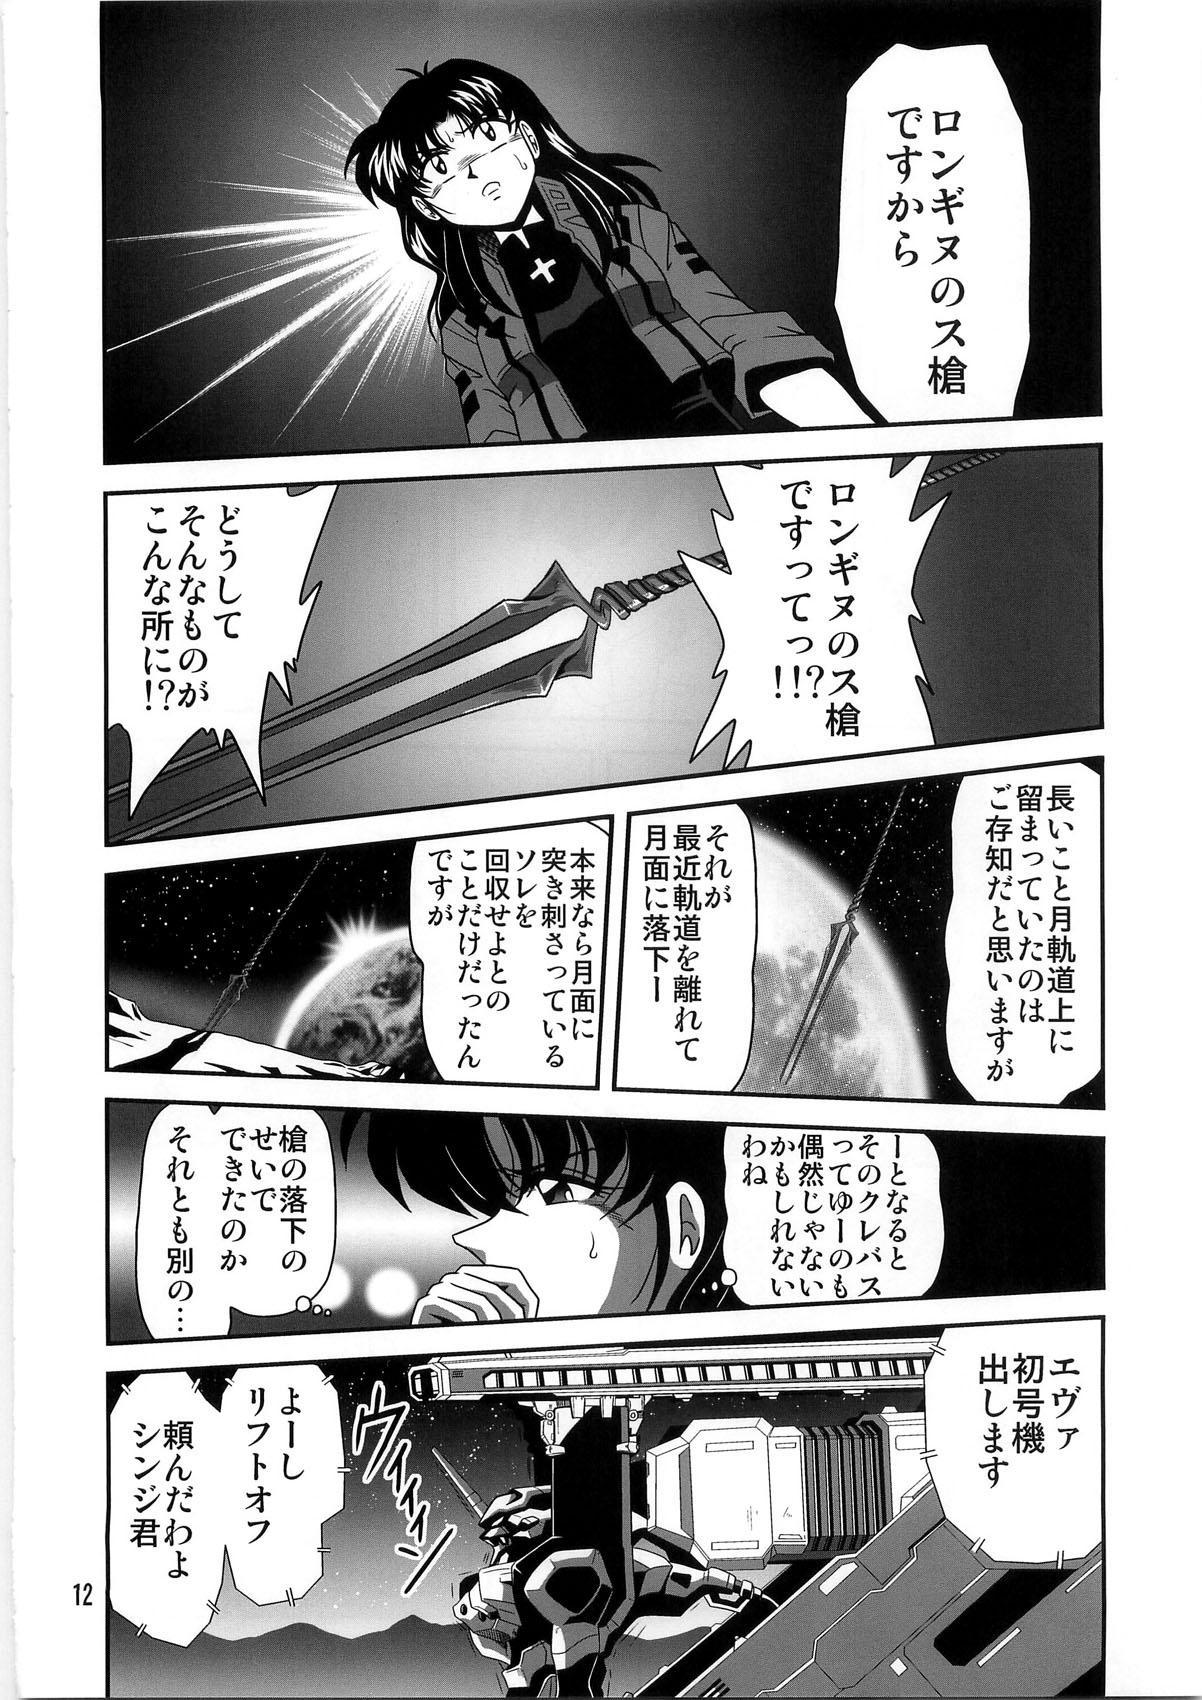 Second Uchuu Keikaku 4 11